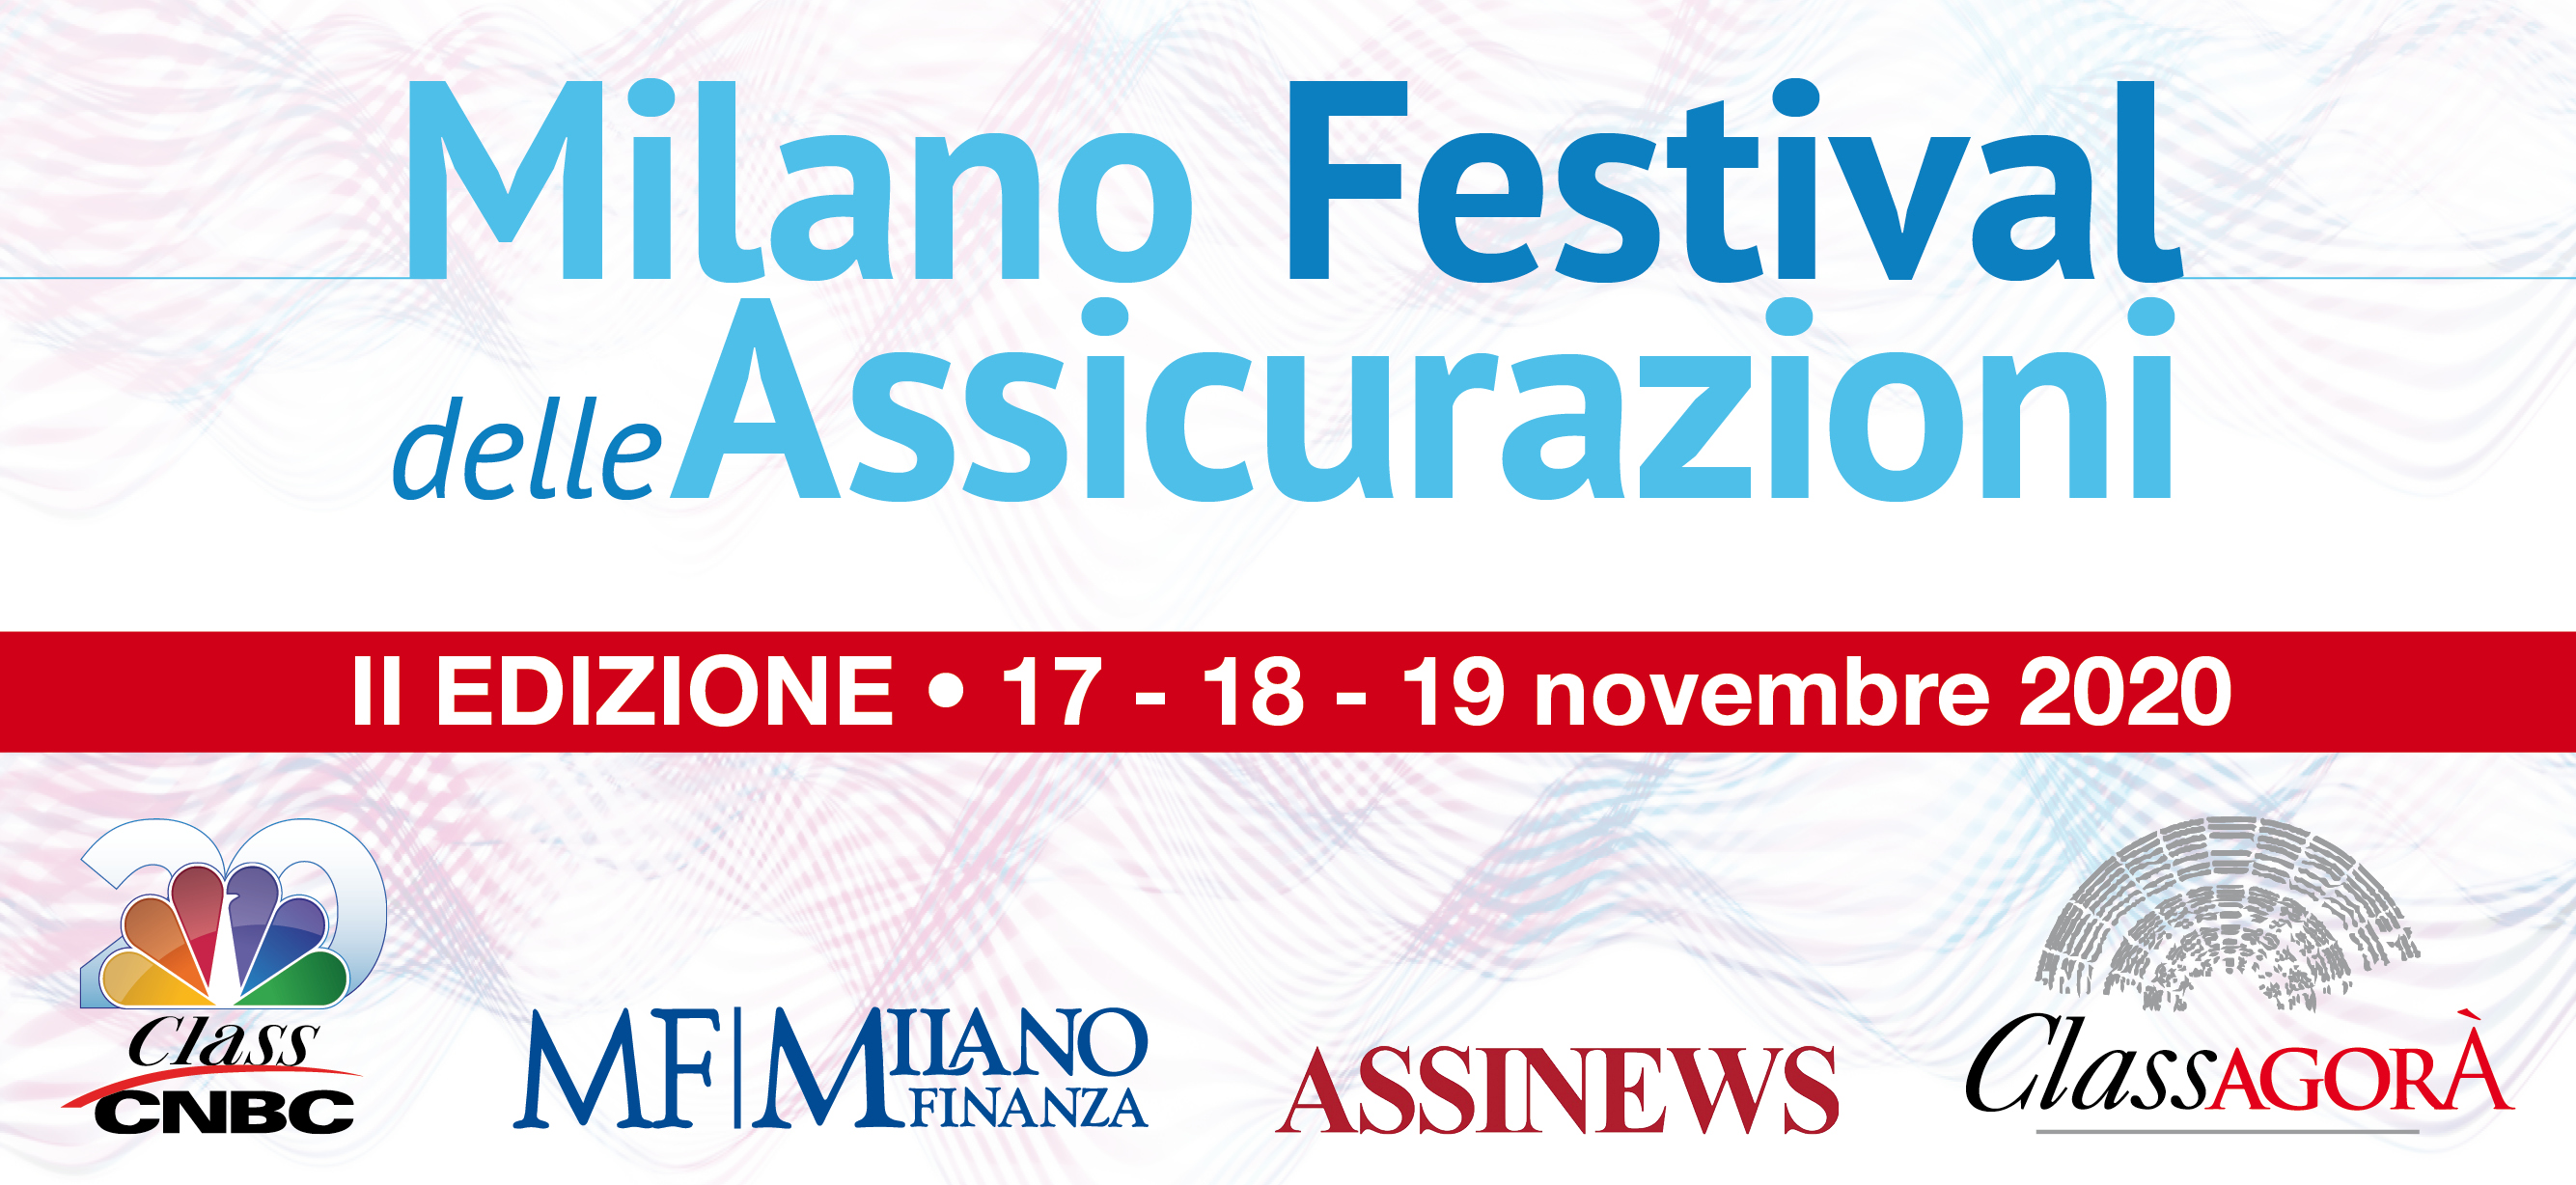 Milano FESTIVAL delle ASSICURAZIONI